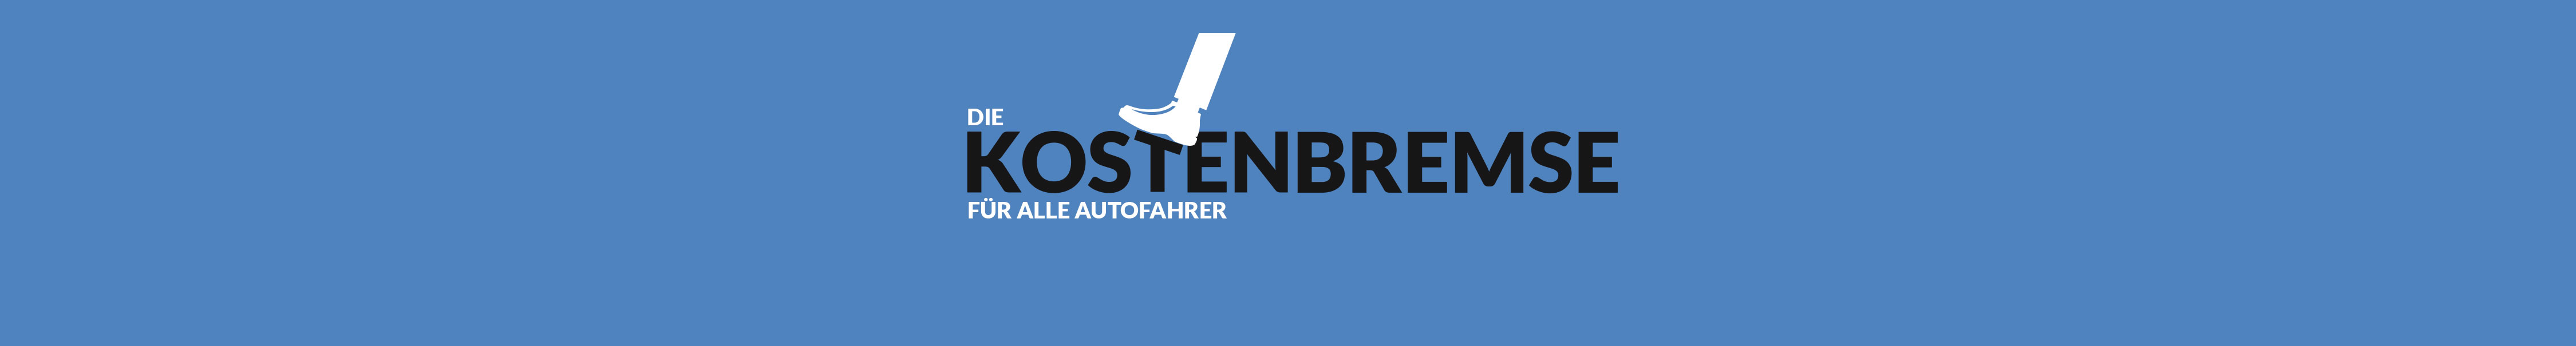 Offentliche Versicherung Braunschweig